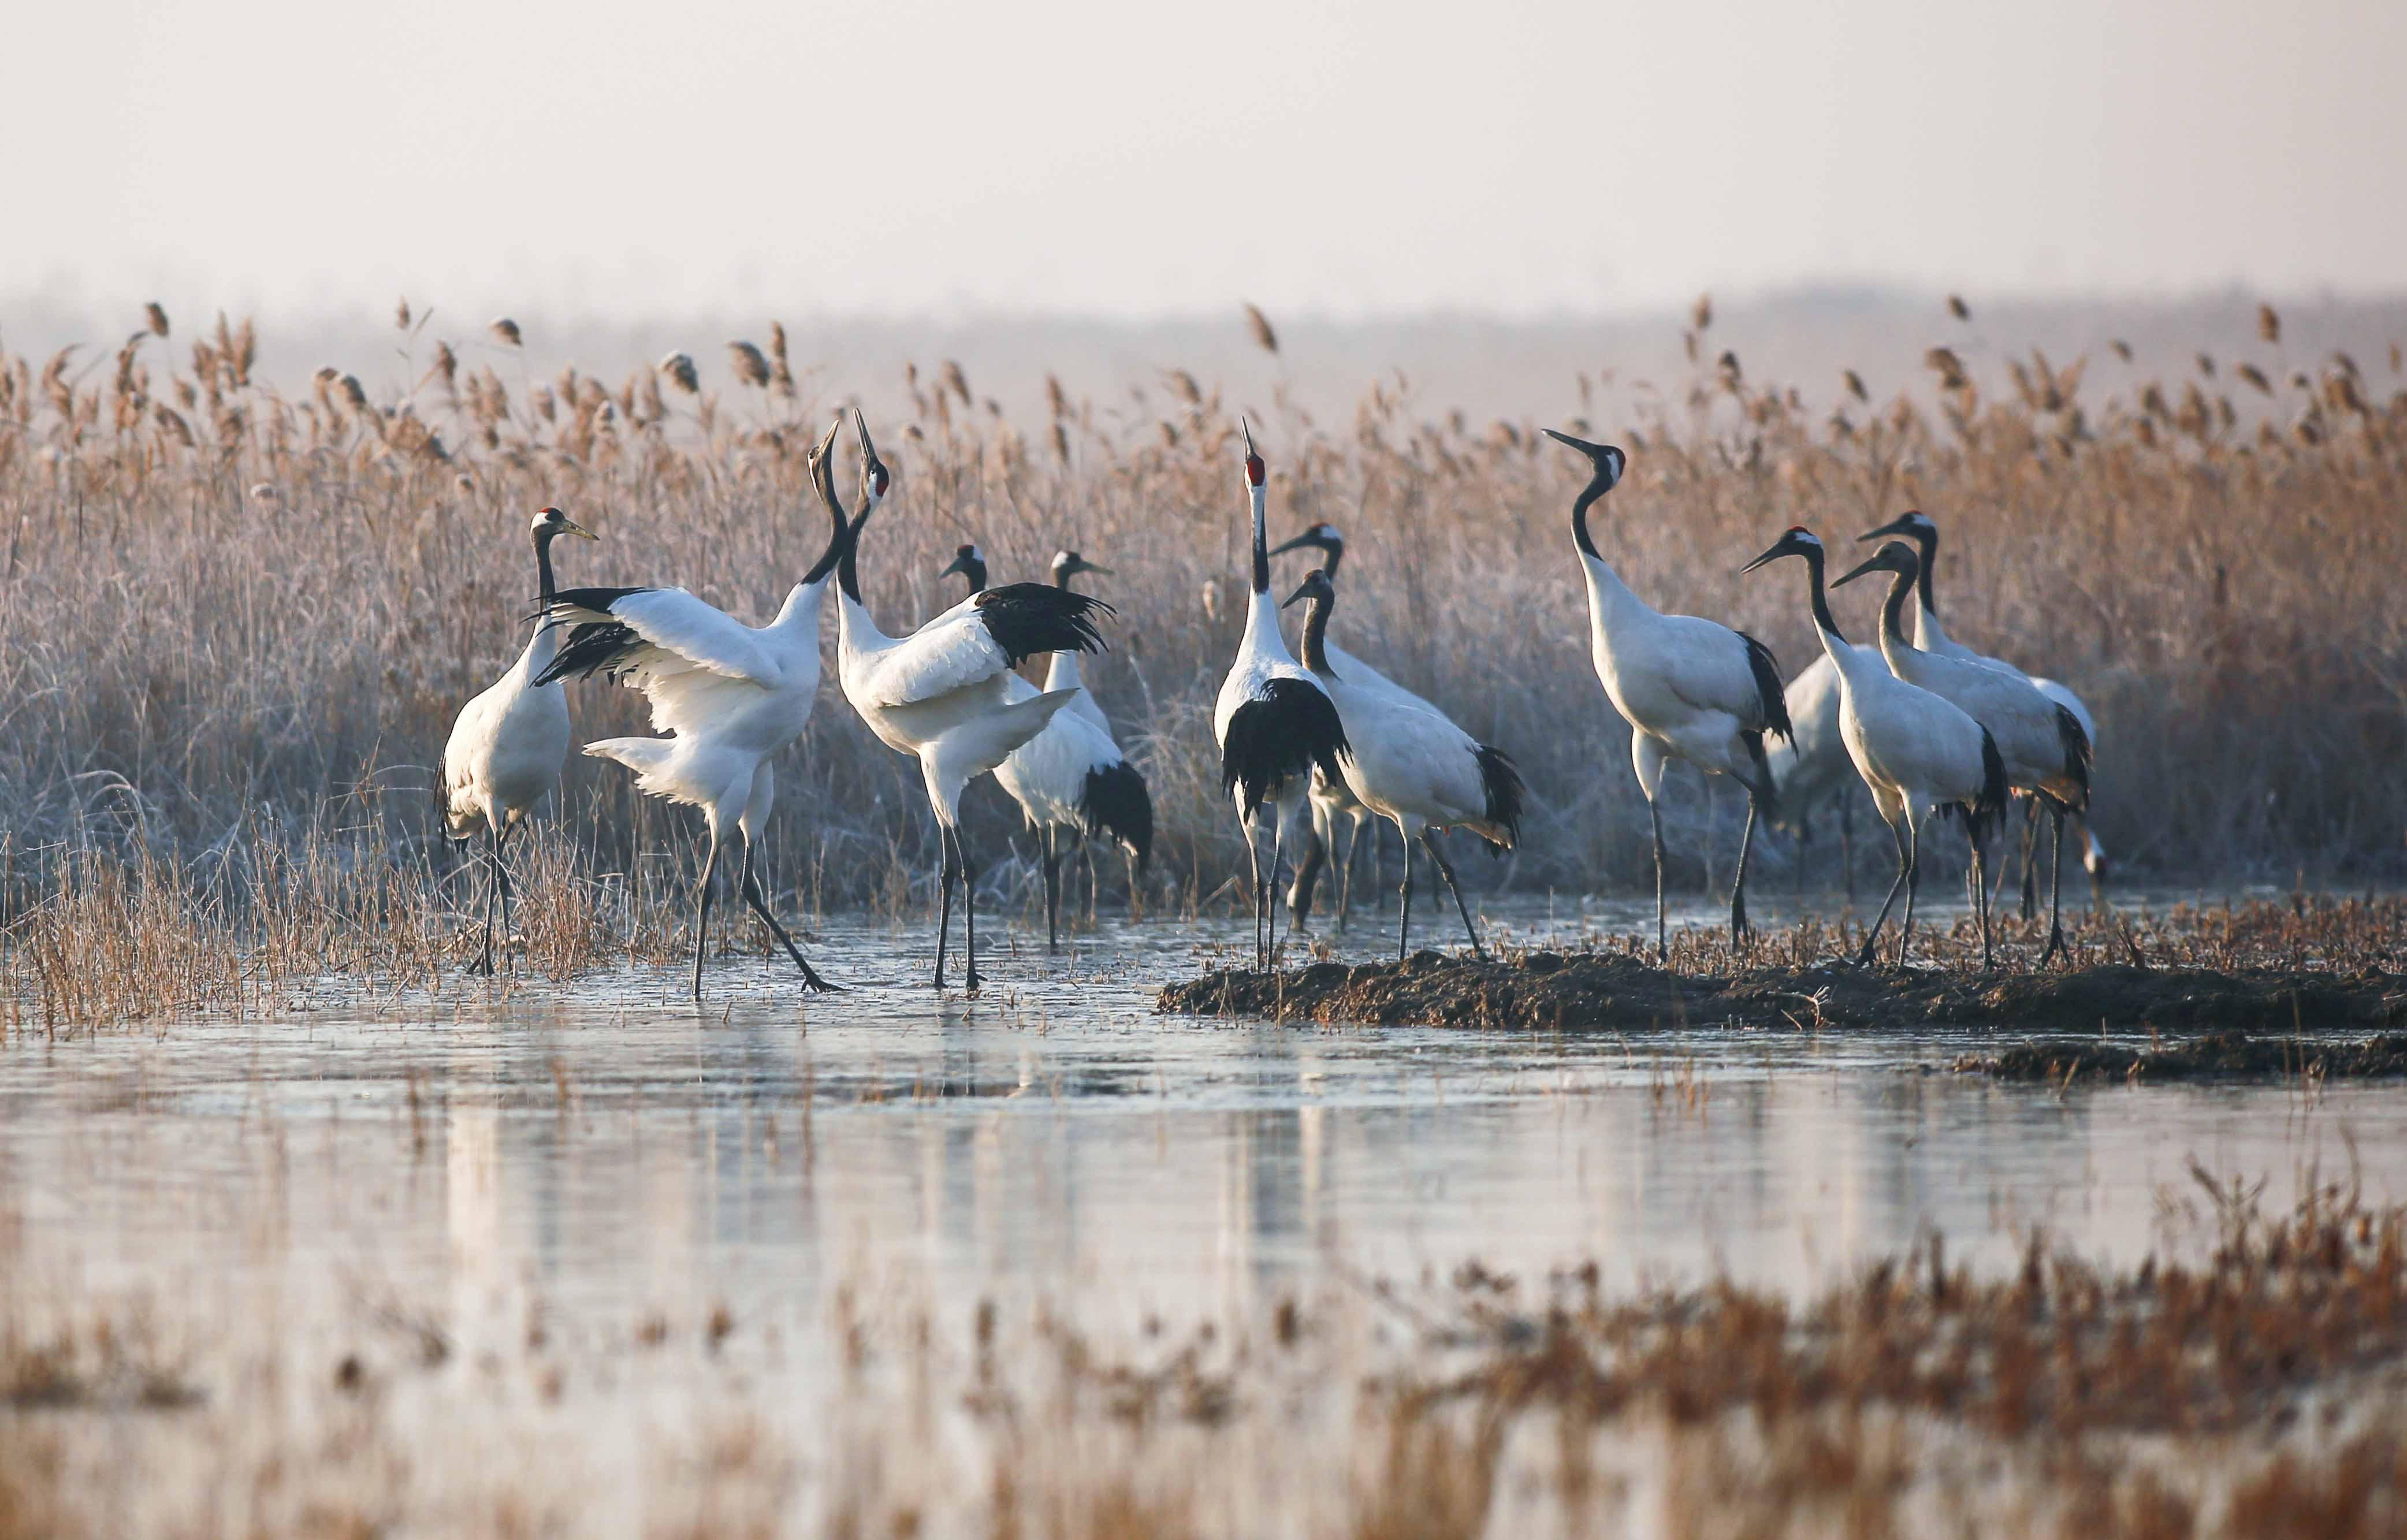 芦花下赛舞  作品描述: 美好生态,美好家园  拍摄地点: 盐城丹顶鹤